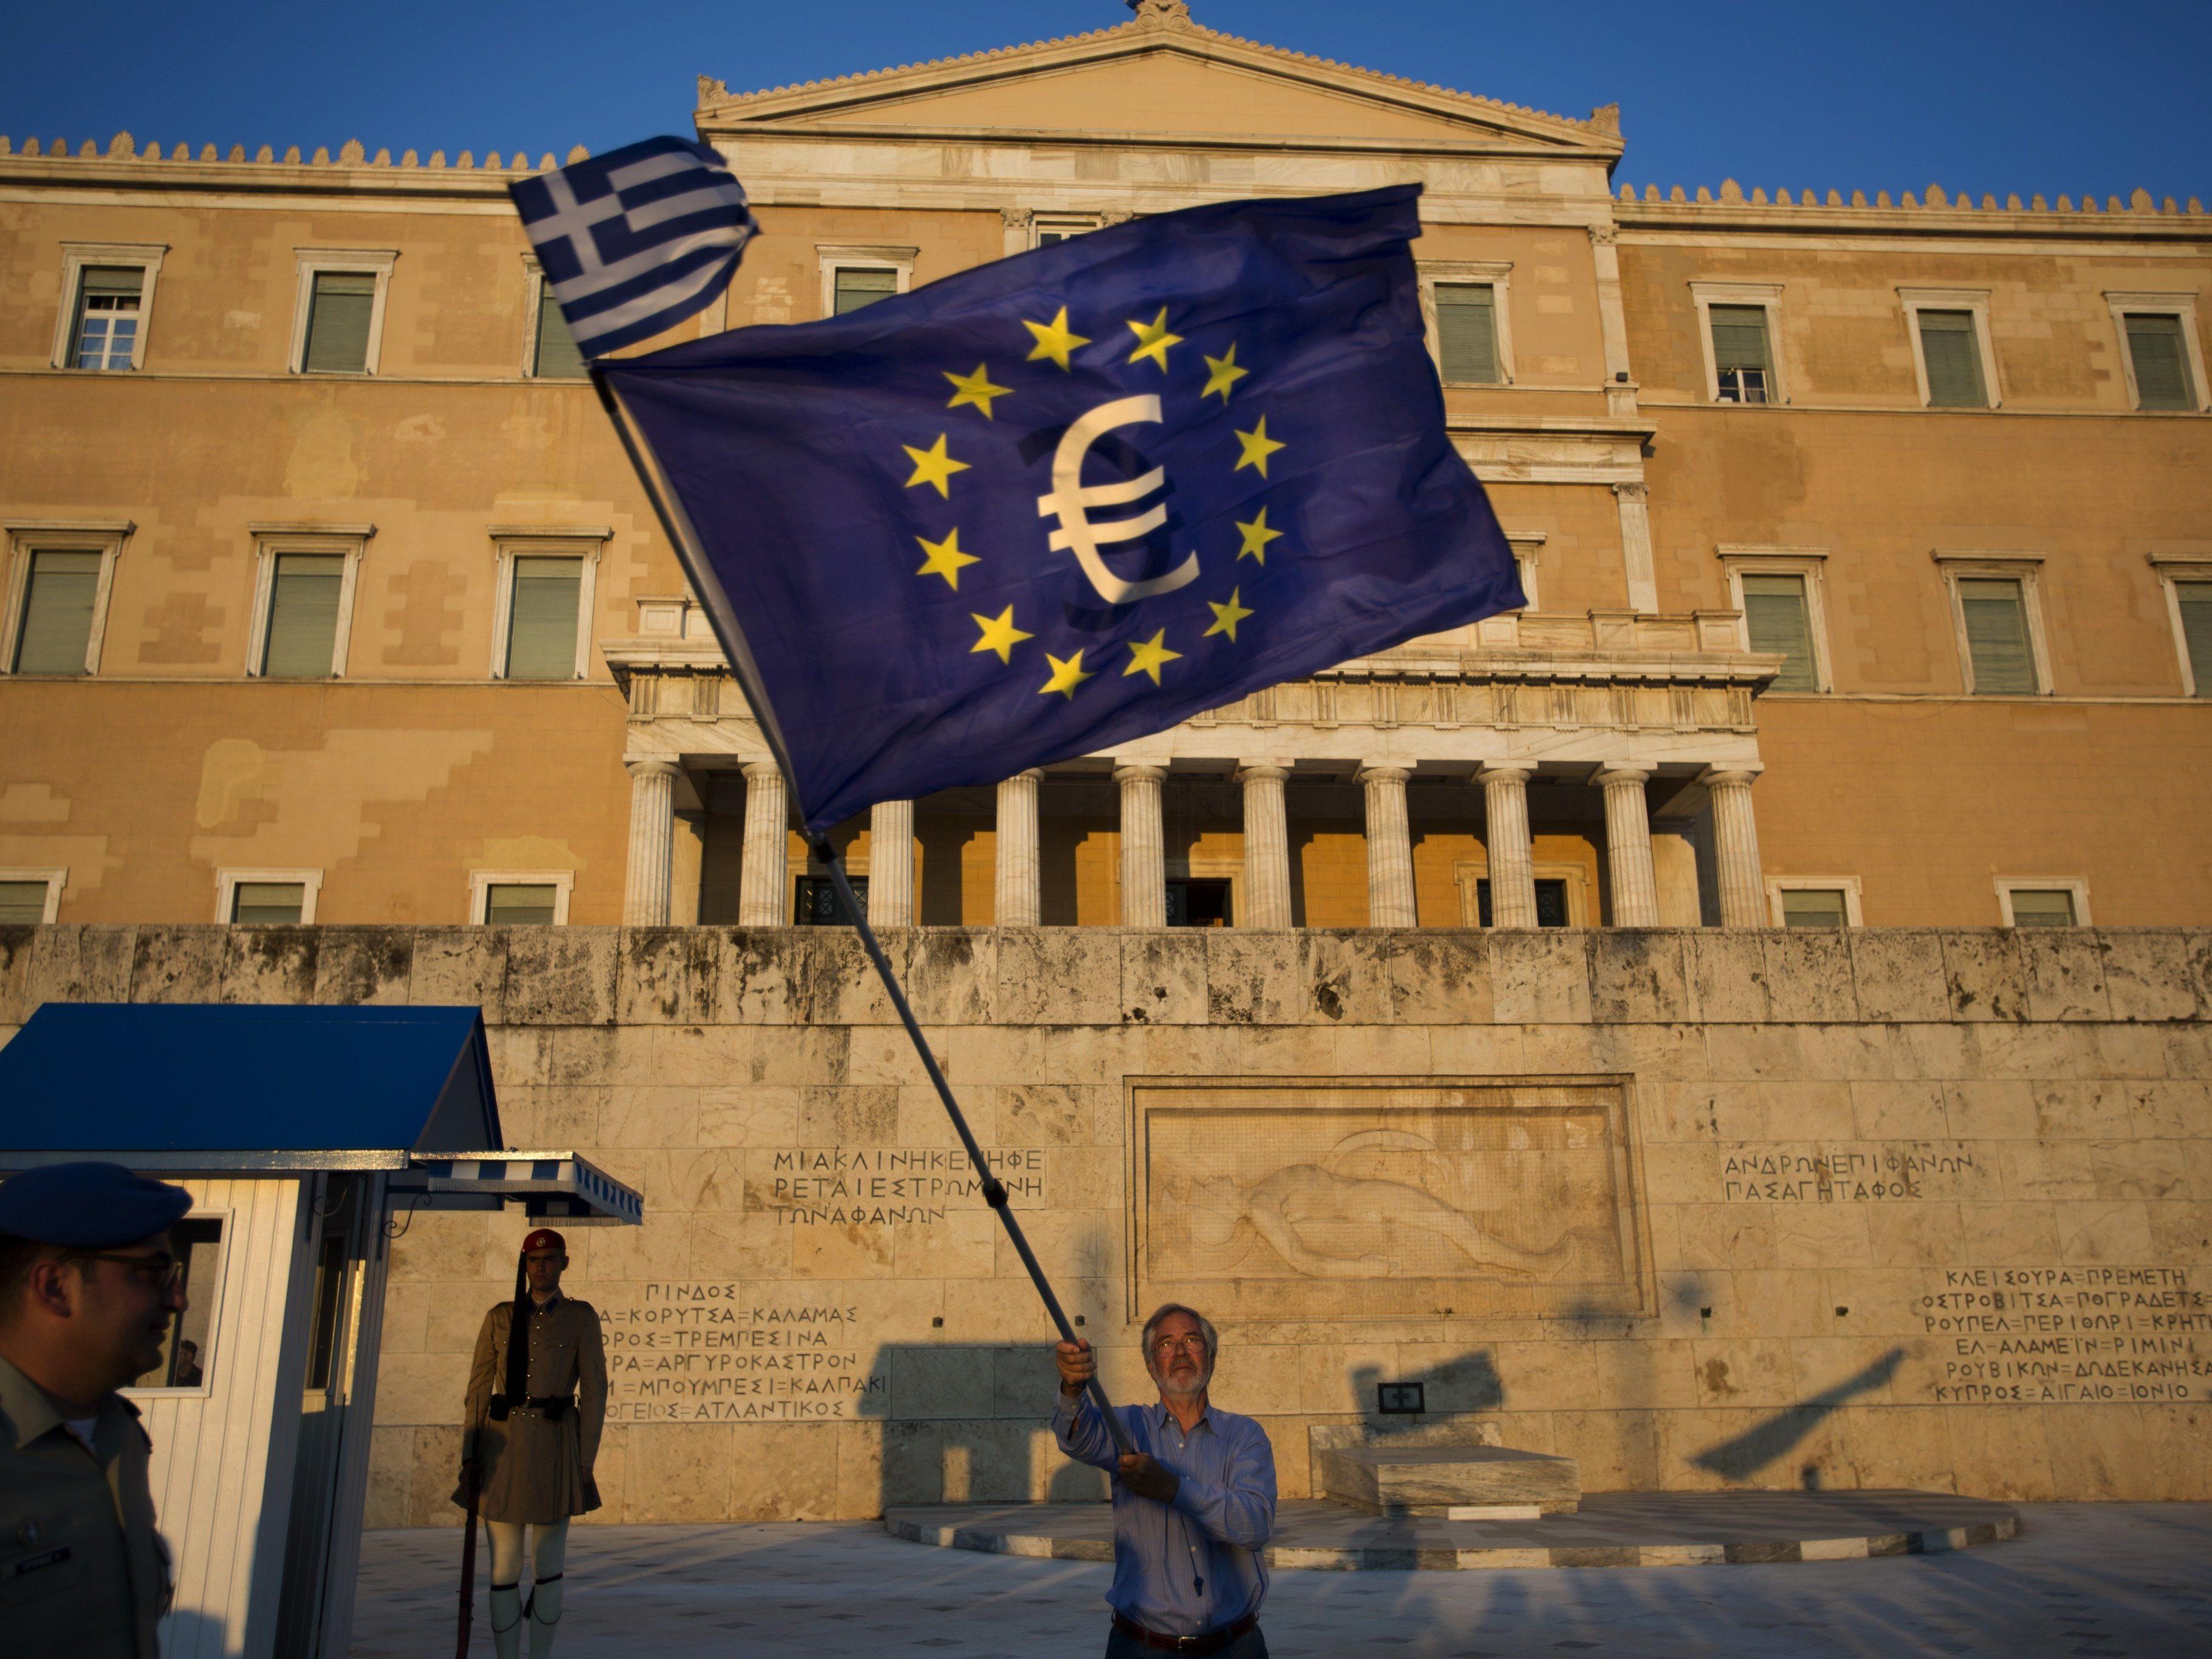 Tausende demonstrierten in Athen für den Verbleib im Euroland.